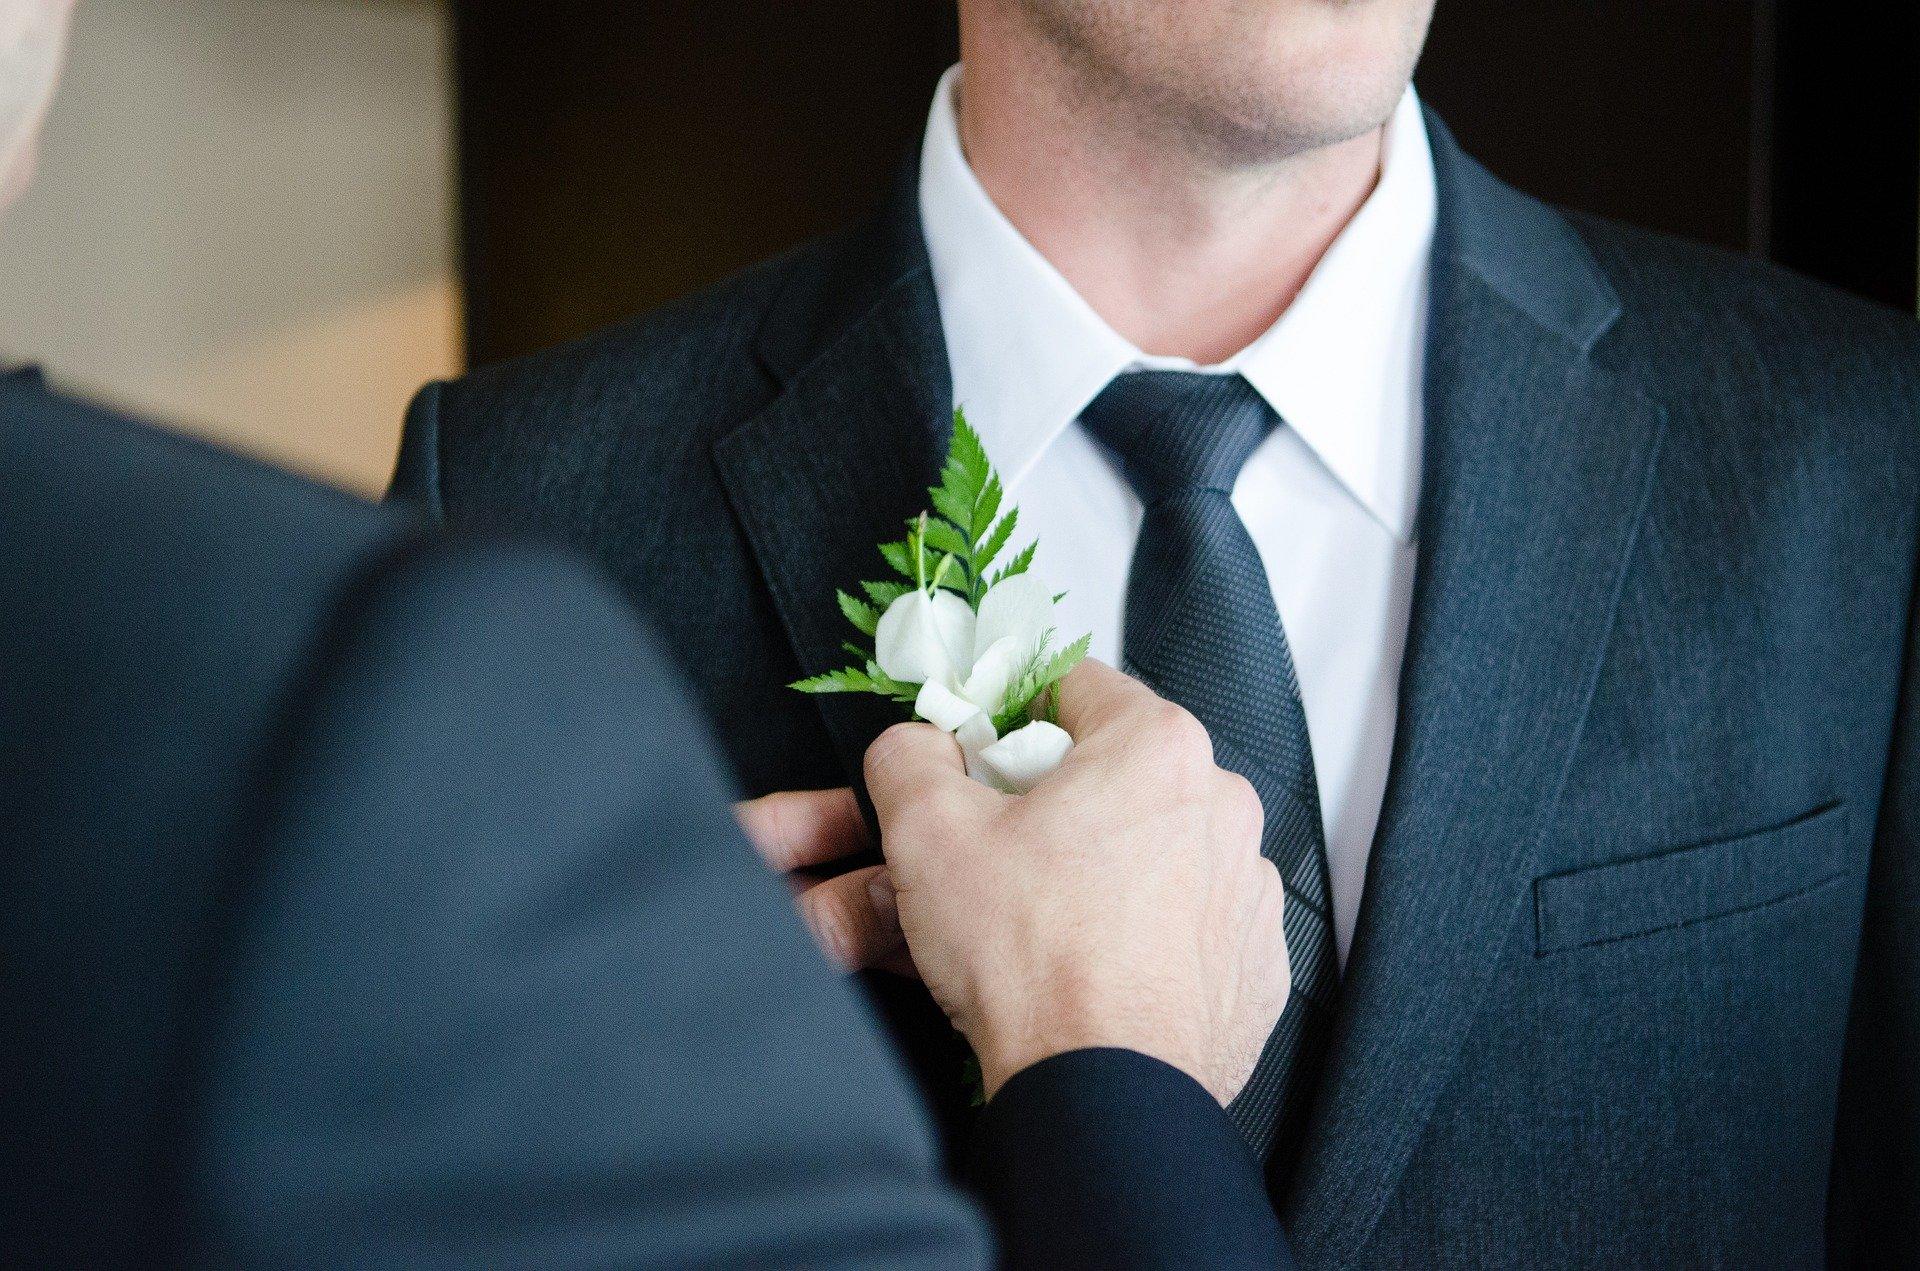 Terno do noivo: como acertar na escolha do modelo e da cor